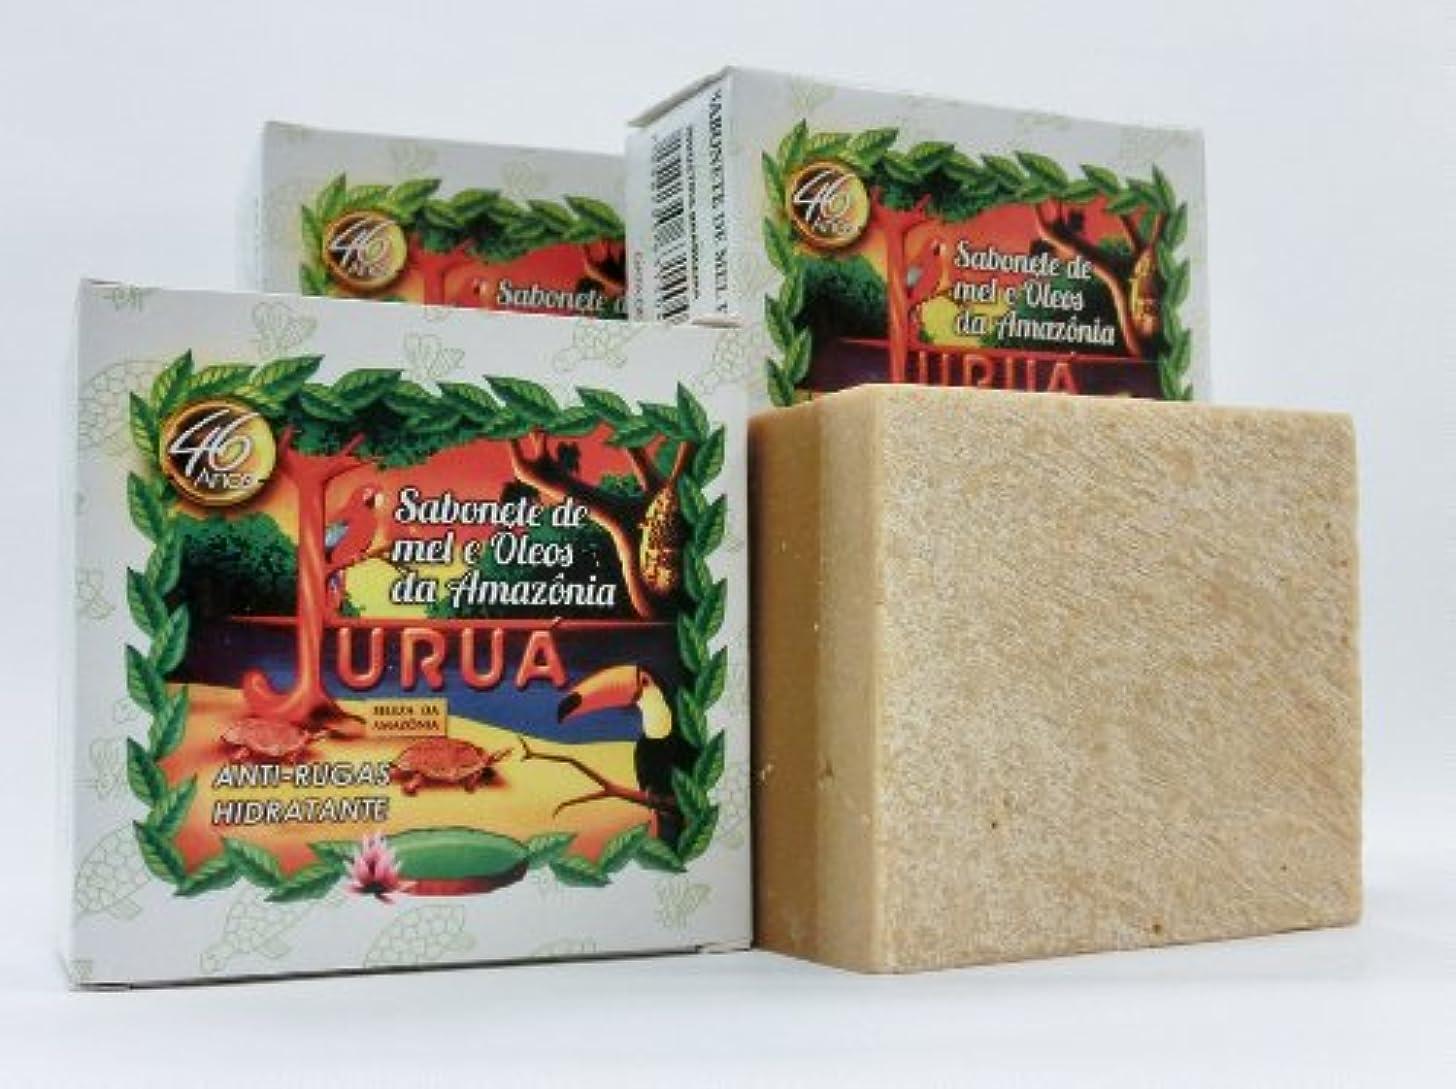 モトリーギャロップ存在JURUA石鹸 (大180g) 3個セット